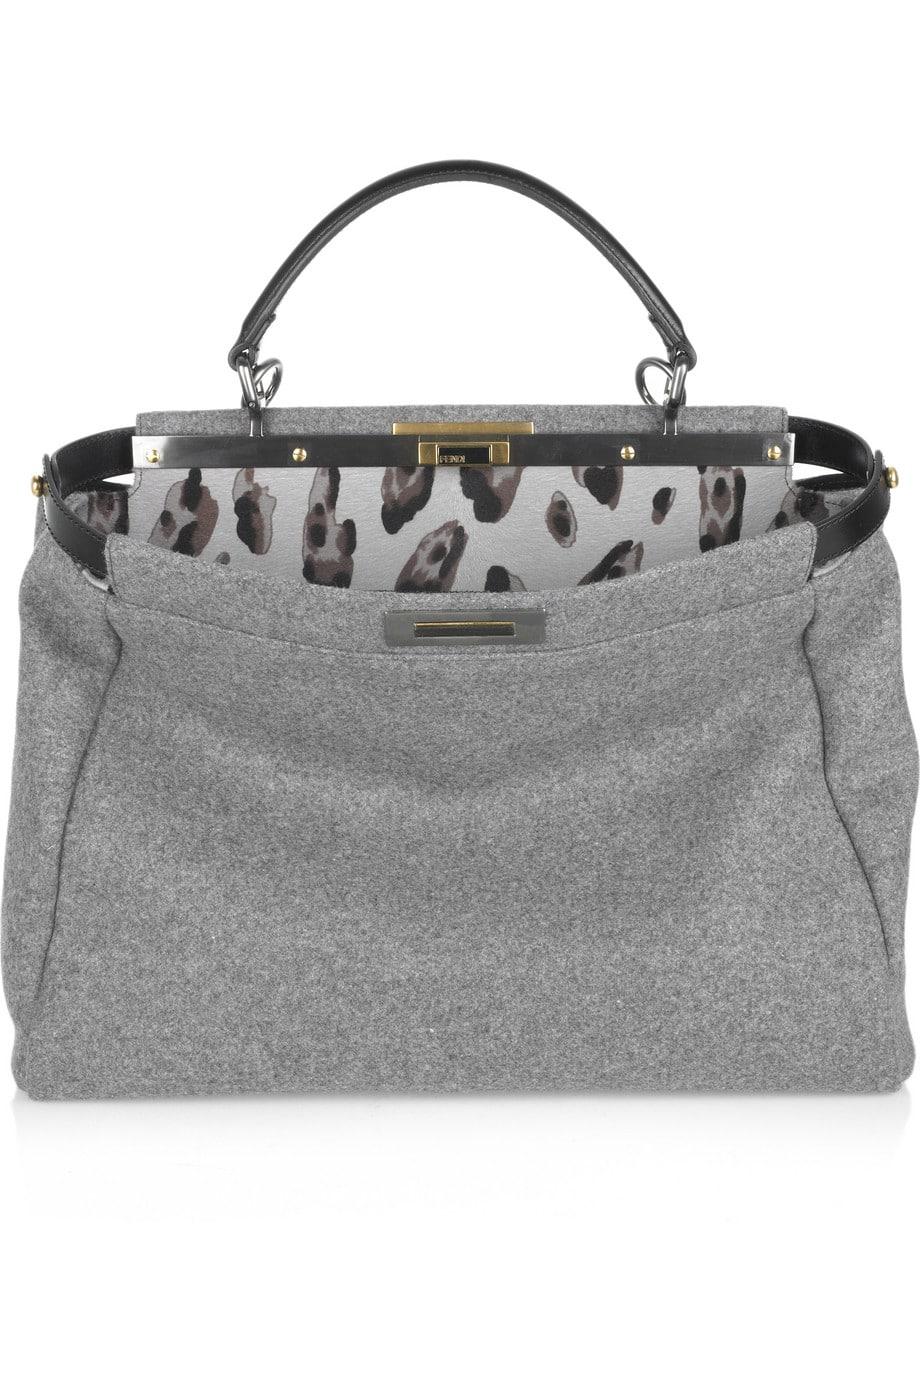 7925ee1b5a A Close Look at Fendi Peekaboo Bag Interior Designs and Materials ...